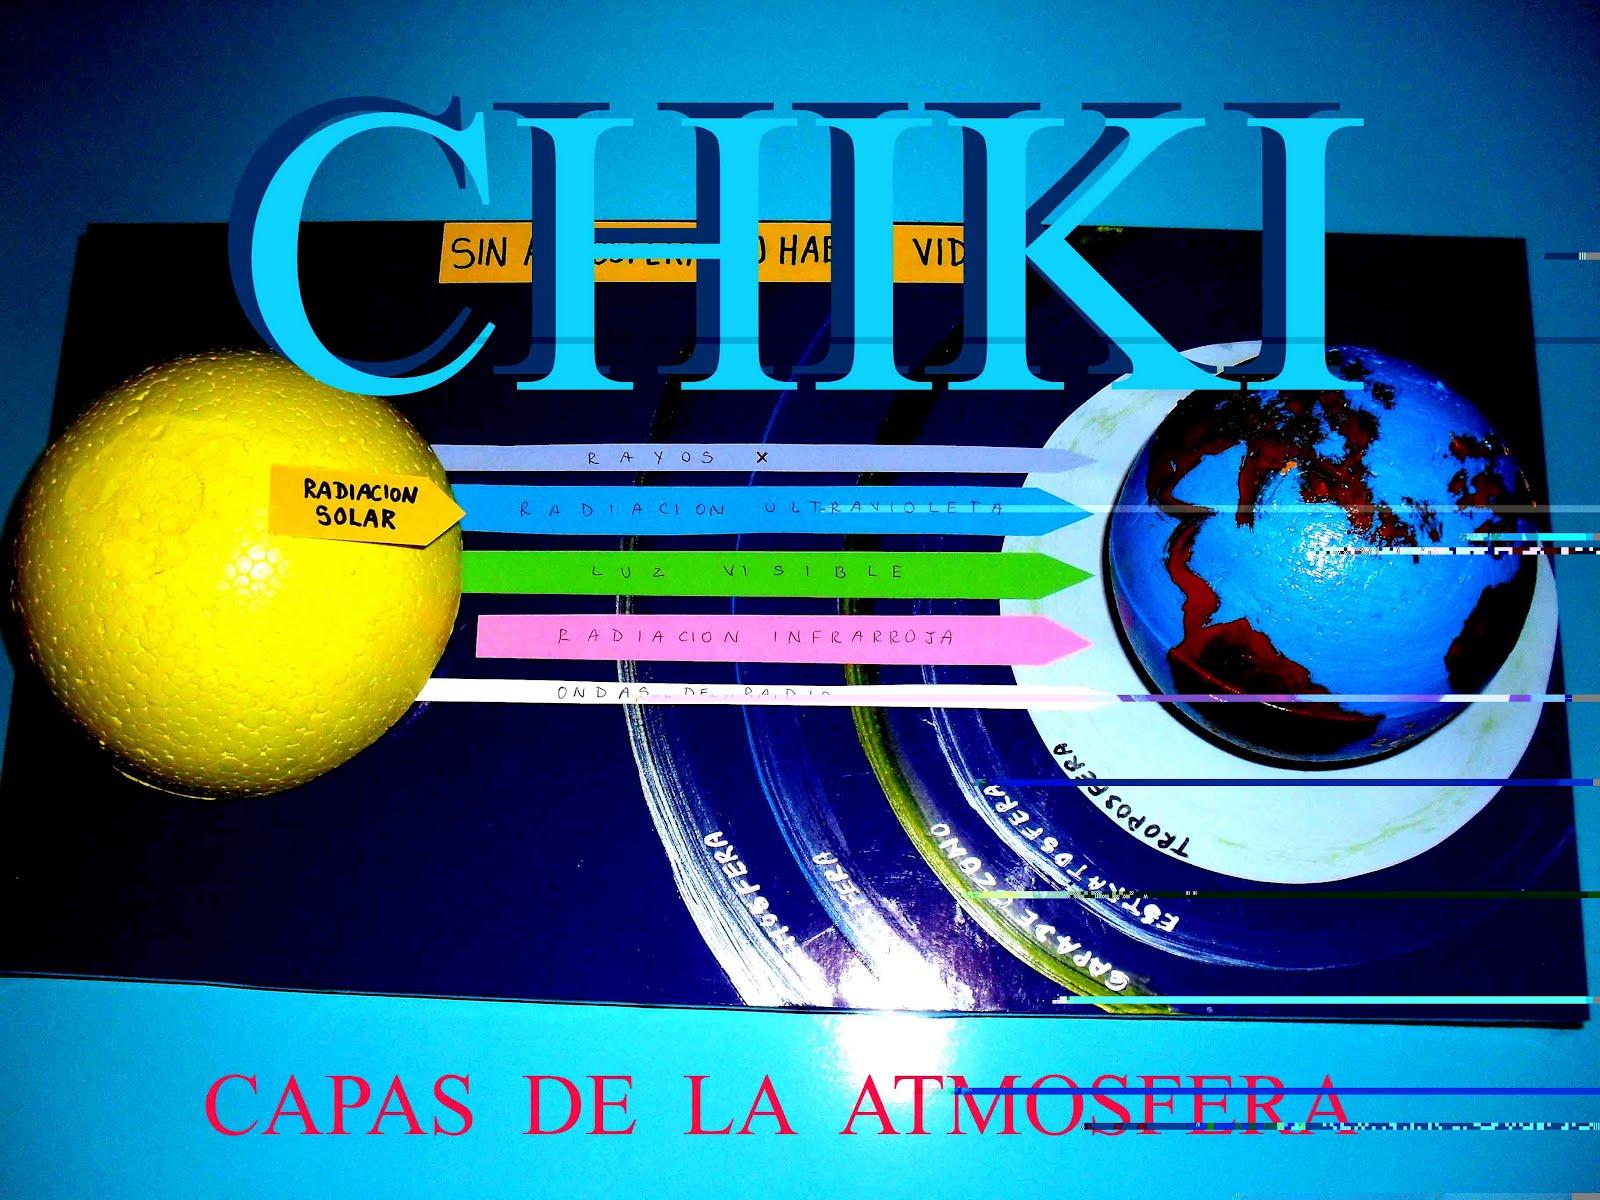 MAQUETAS, MANUALIDADES, Santa Anita Lima-Perù: MAQUETA DE LA CAPA DE